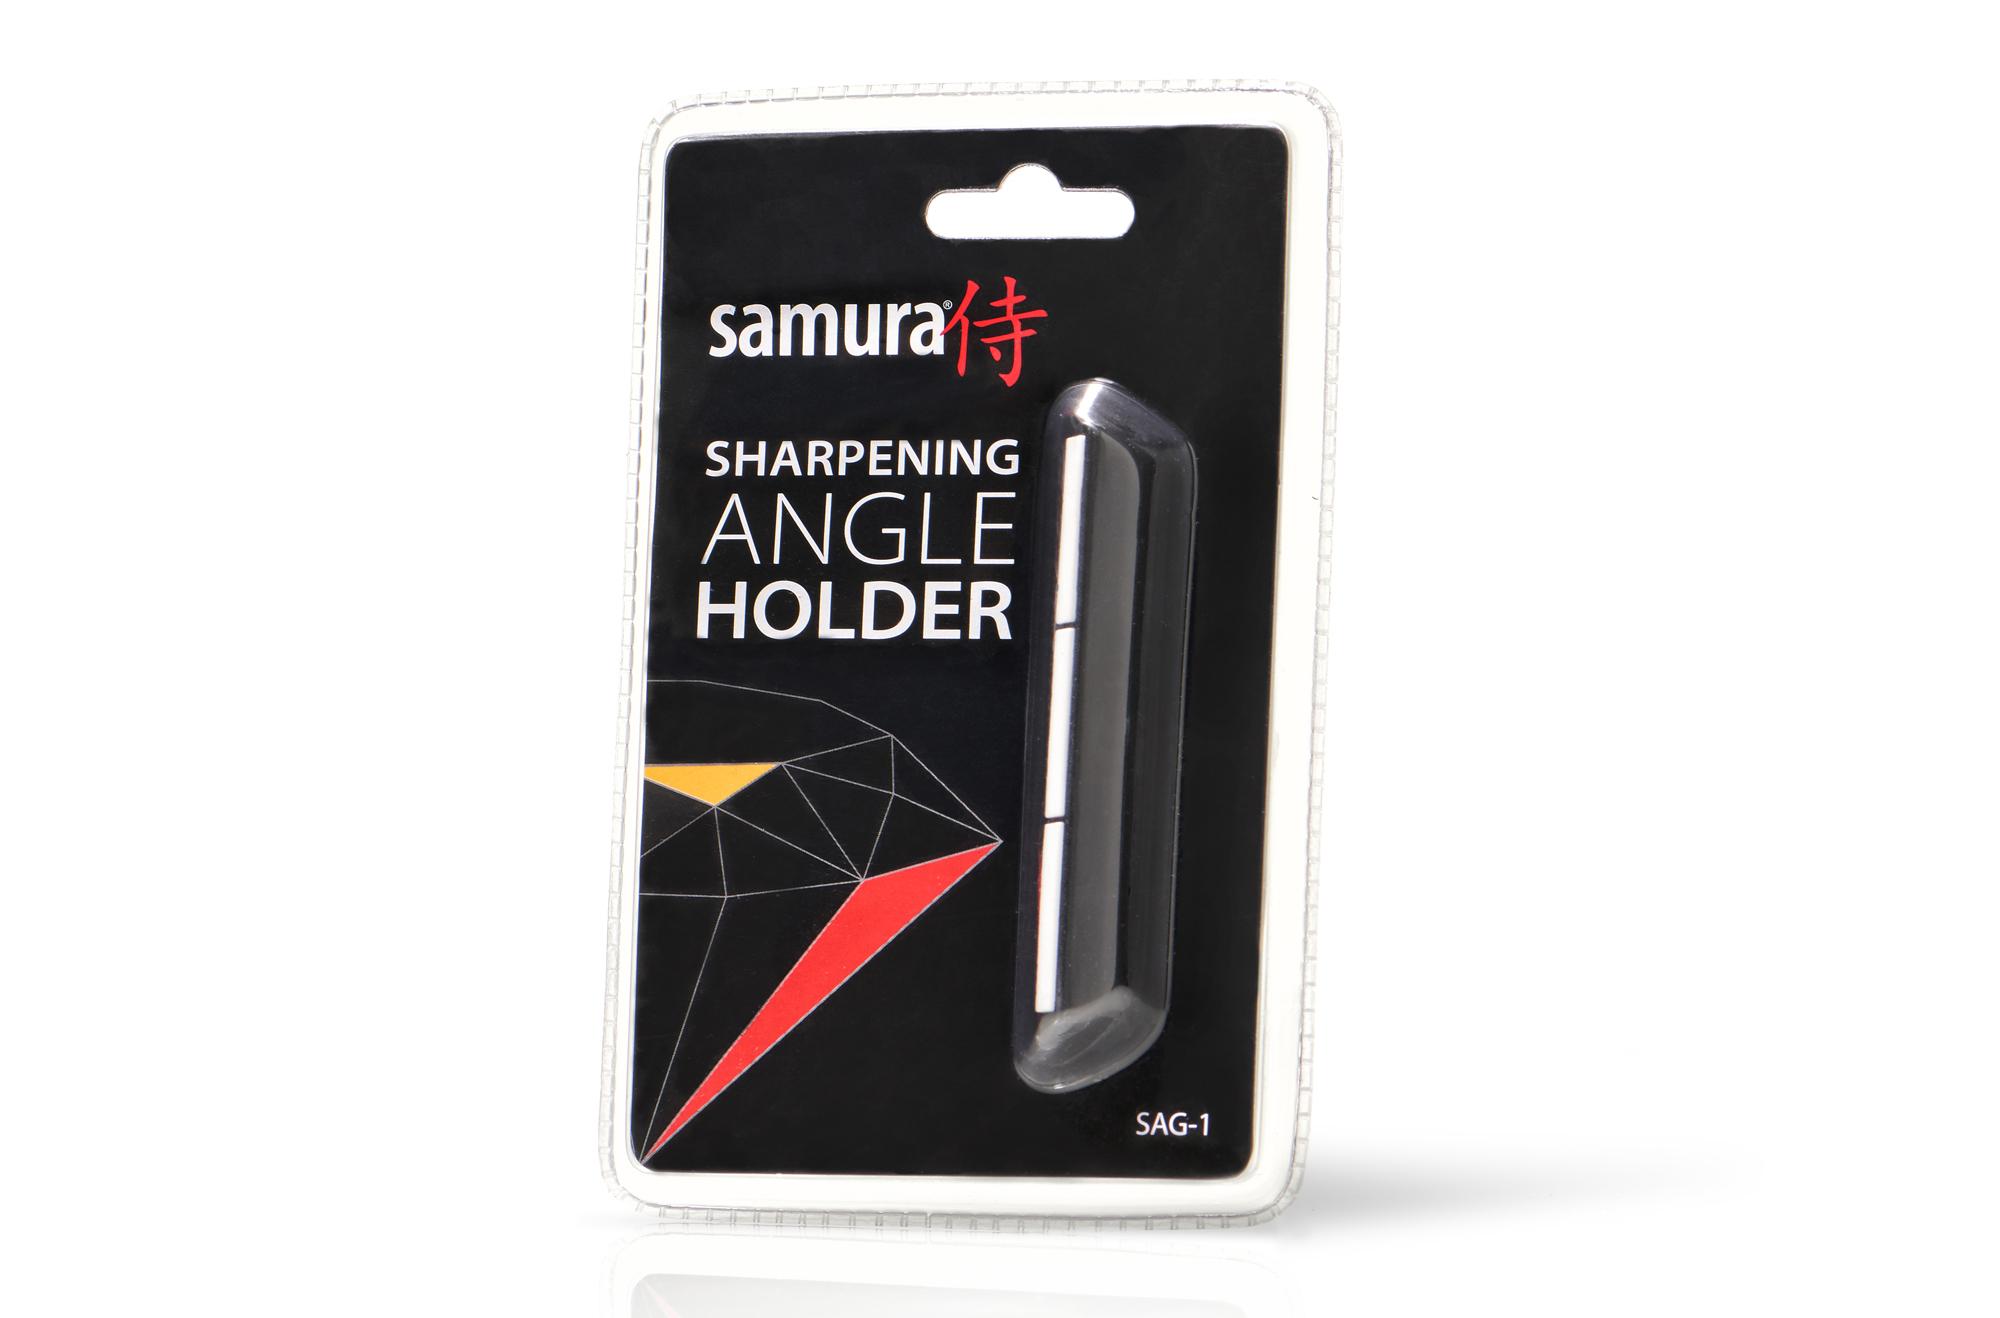 Держатель угла заточки Samura SAG-1Водные точильные камни<br>Держатель угла заточки Samura SAG-1<br>Держатель угла заточки с керамическими направляющими обеспечивает угол в зависимости от ширины ножа. Максимальный угол, который можно получить при ширине лезвия ножа 2 см = 30 градусам. Чем шире лезвие - тем меньше угол.<br>Держатель угла заточки предназначен для формирования правильного угла заточки для кухонных ножей с толщиной обуха до 3 мм и шириной лезвия не менее 2 см. Держатель угла заточки представляет собой пластиковую форму с керамическими направляющими элементами, защищающими держатель от износа.<br>